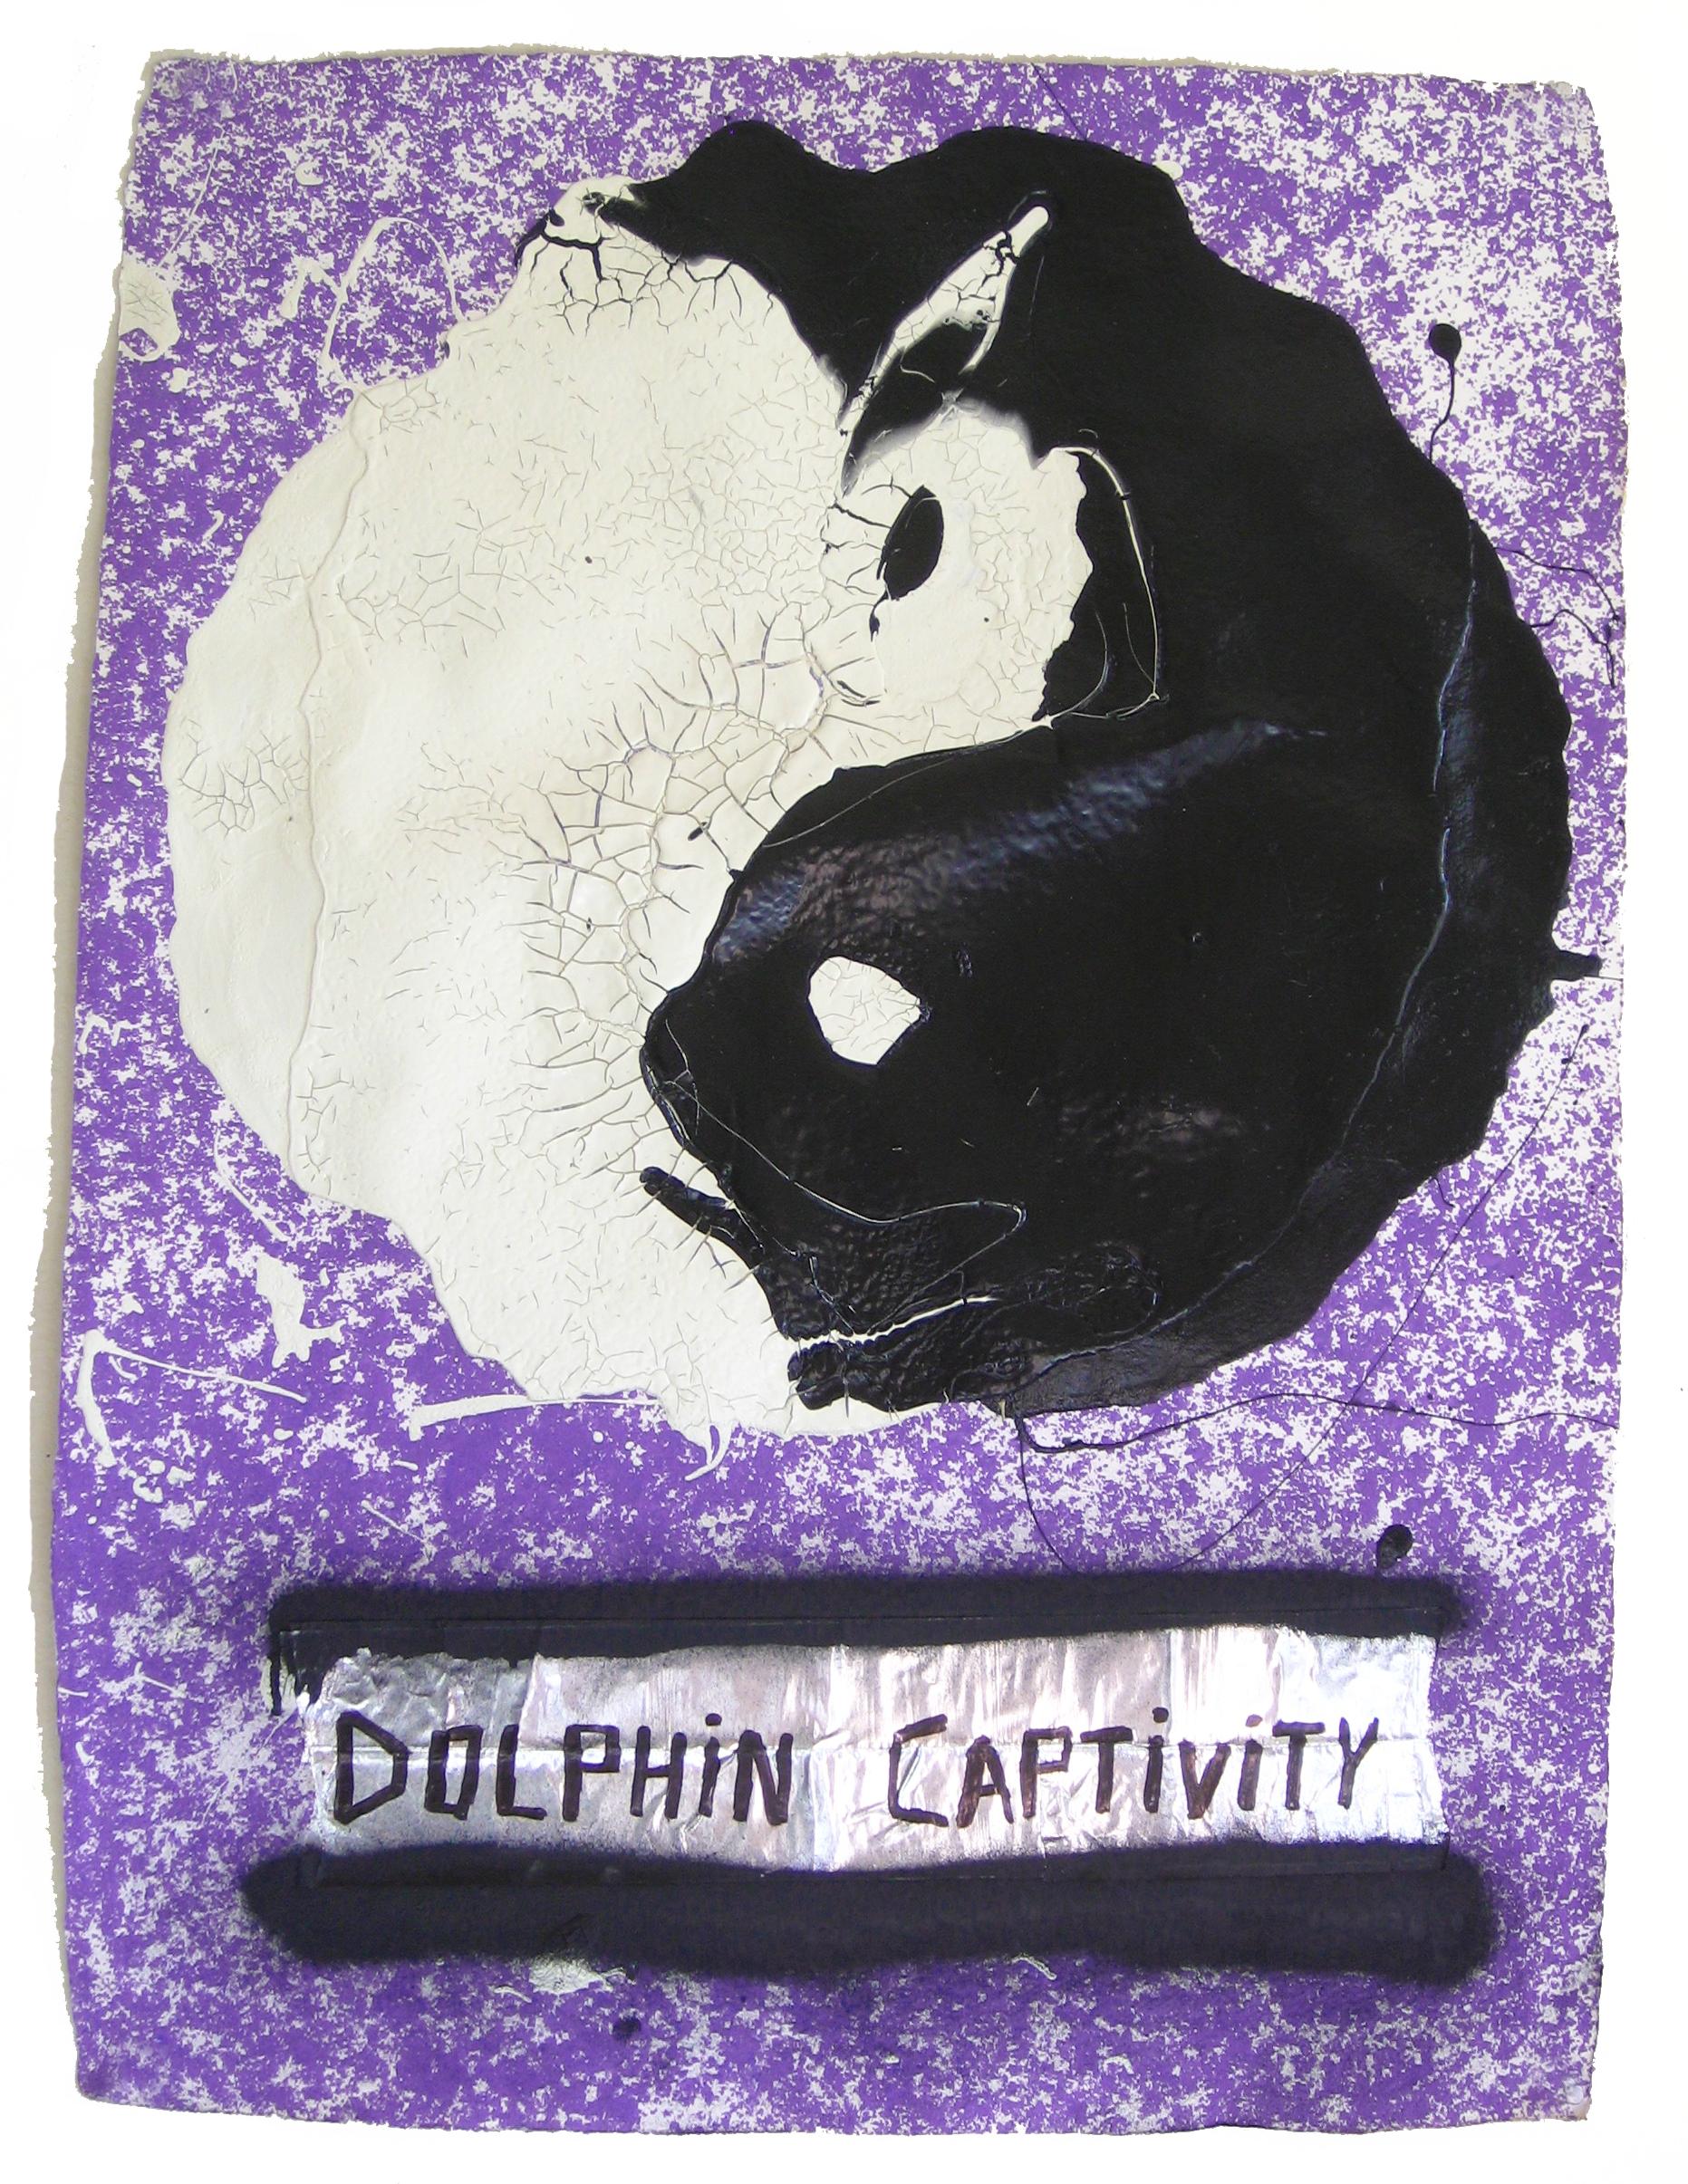 Dolphin Captivity